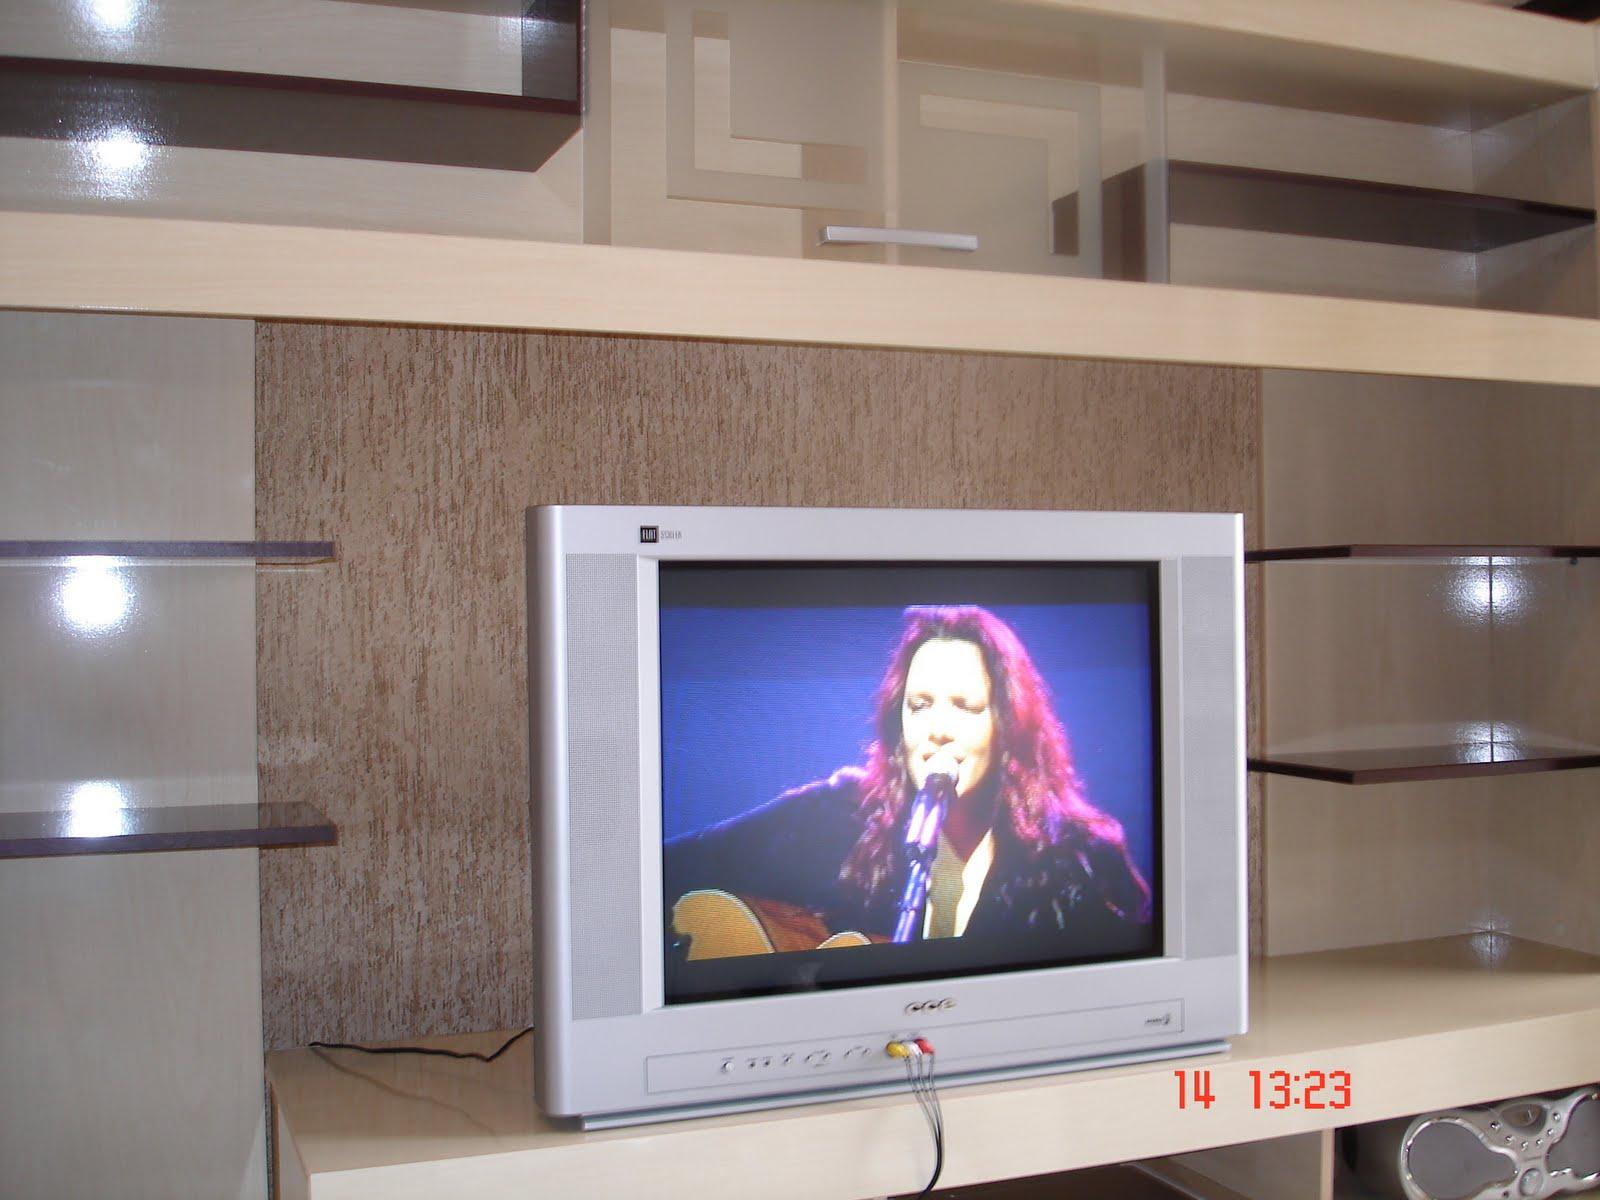 Arrumando a estante e vendo o dvd da Ana Carolina! Assim fica bem  #343C97 1600x1200